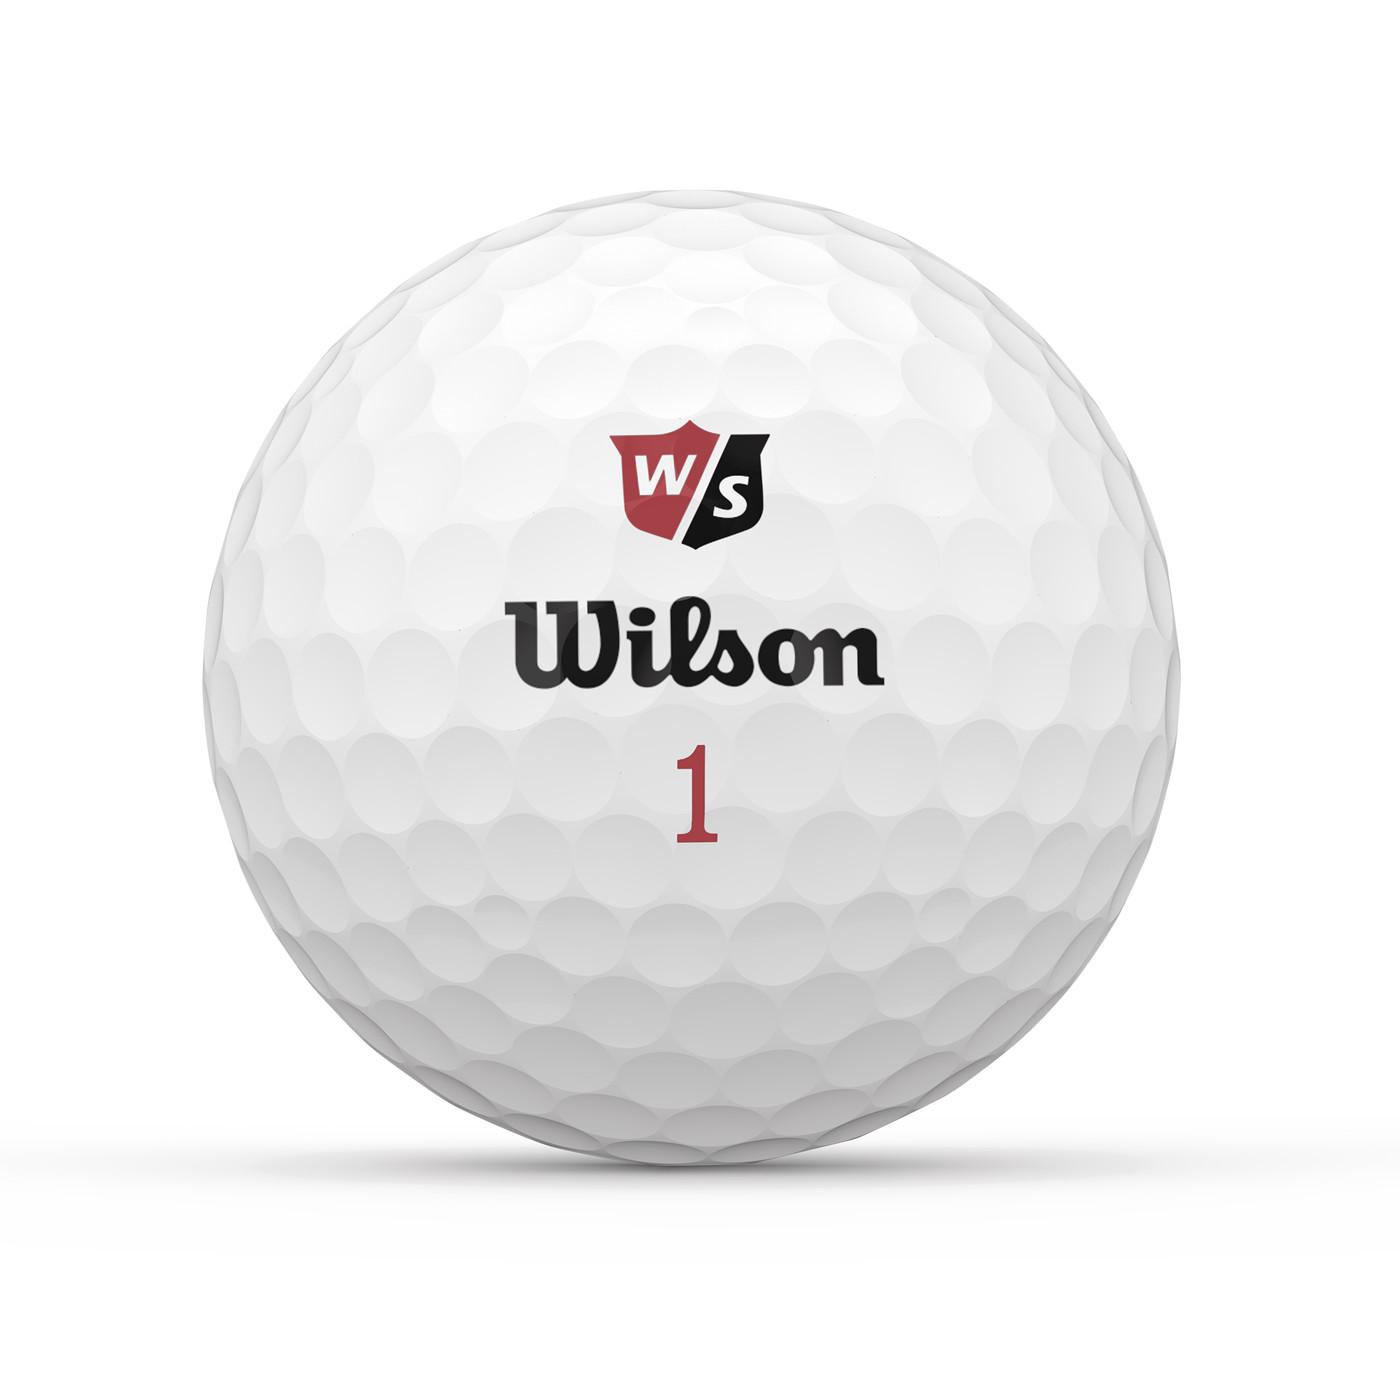 WILSON DUO SOFT+ WHITE 12-BALL